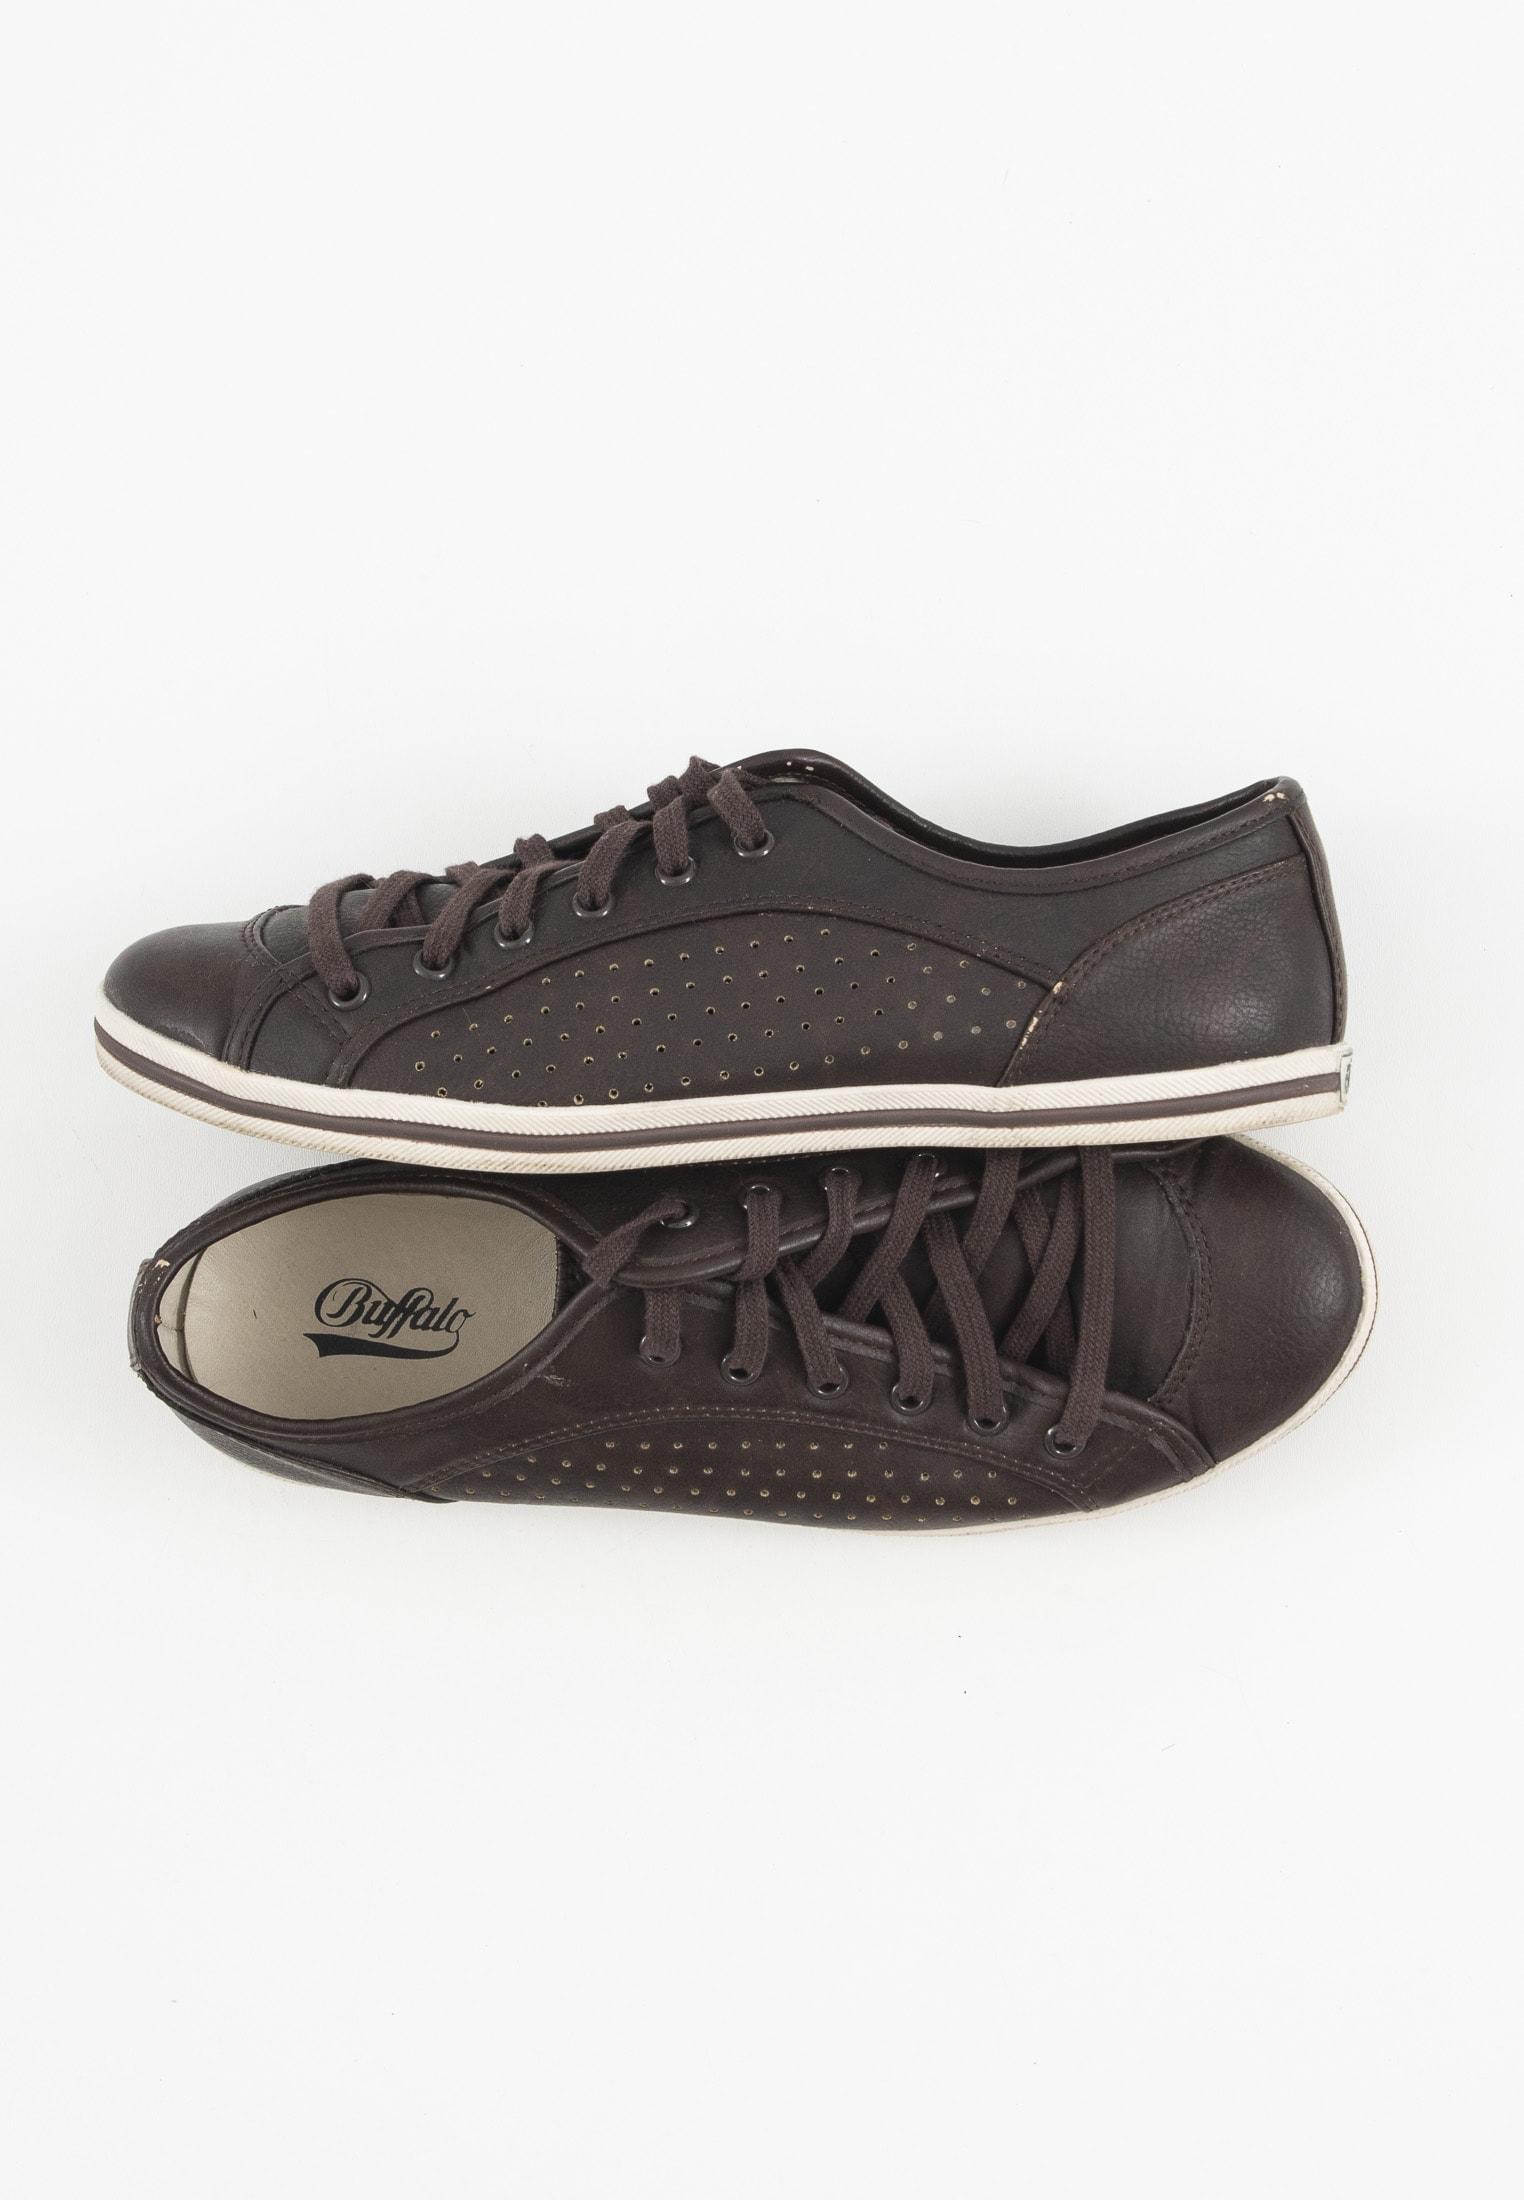 Buffalo Sneakers Braun Gr.38